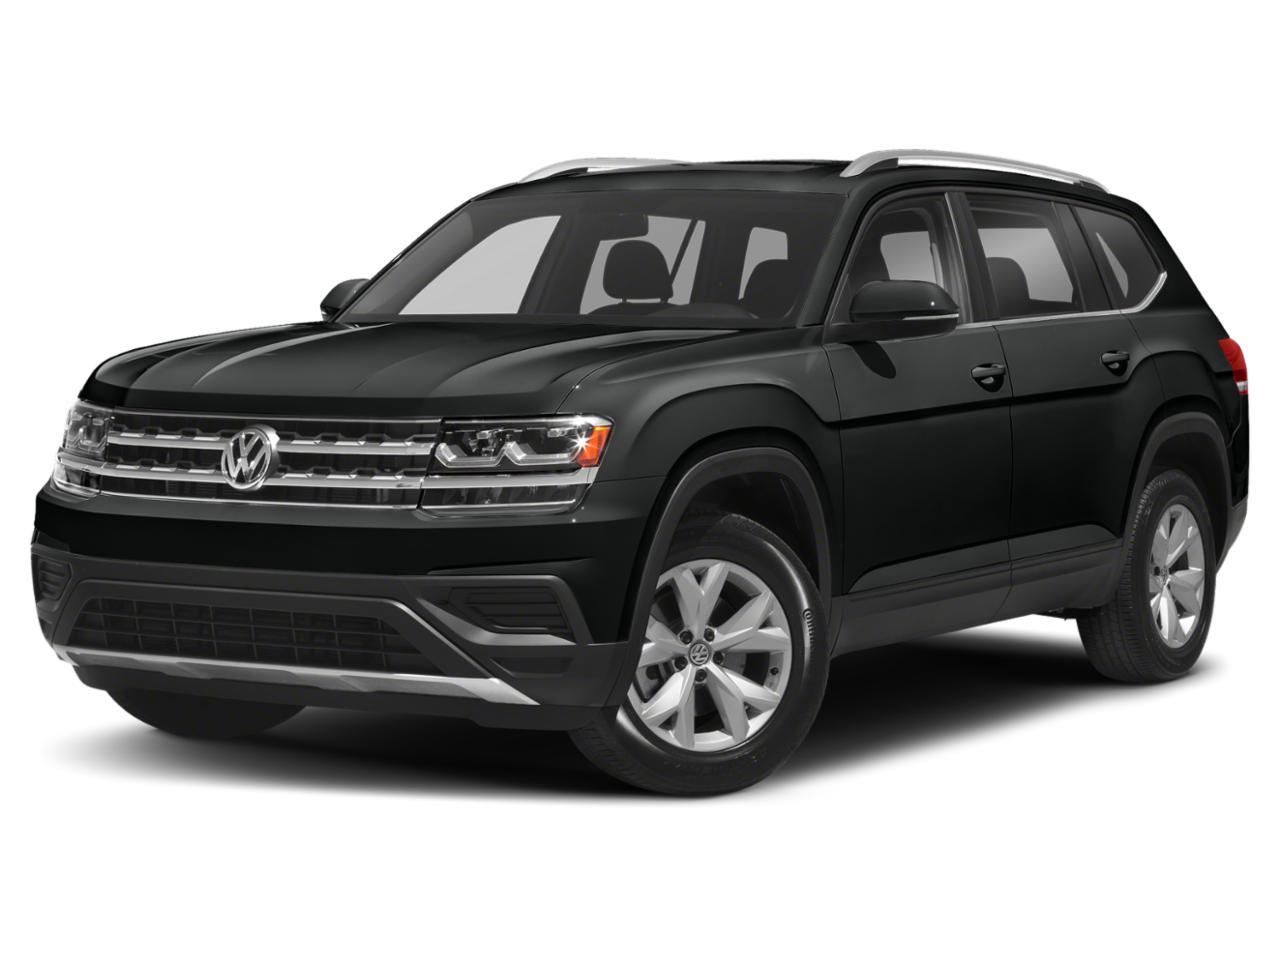 2020 Volkswagen Atlas Vehicle Photo in Temple, TX 76502